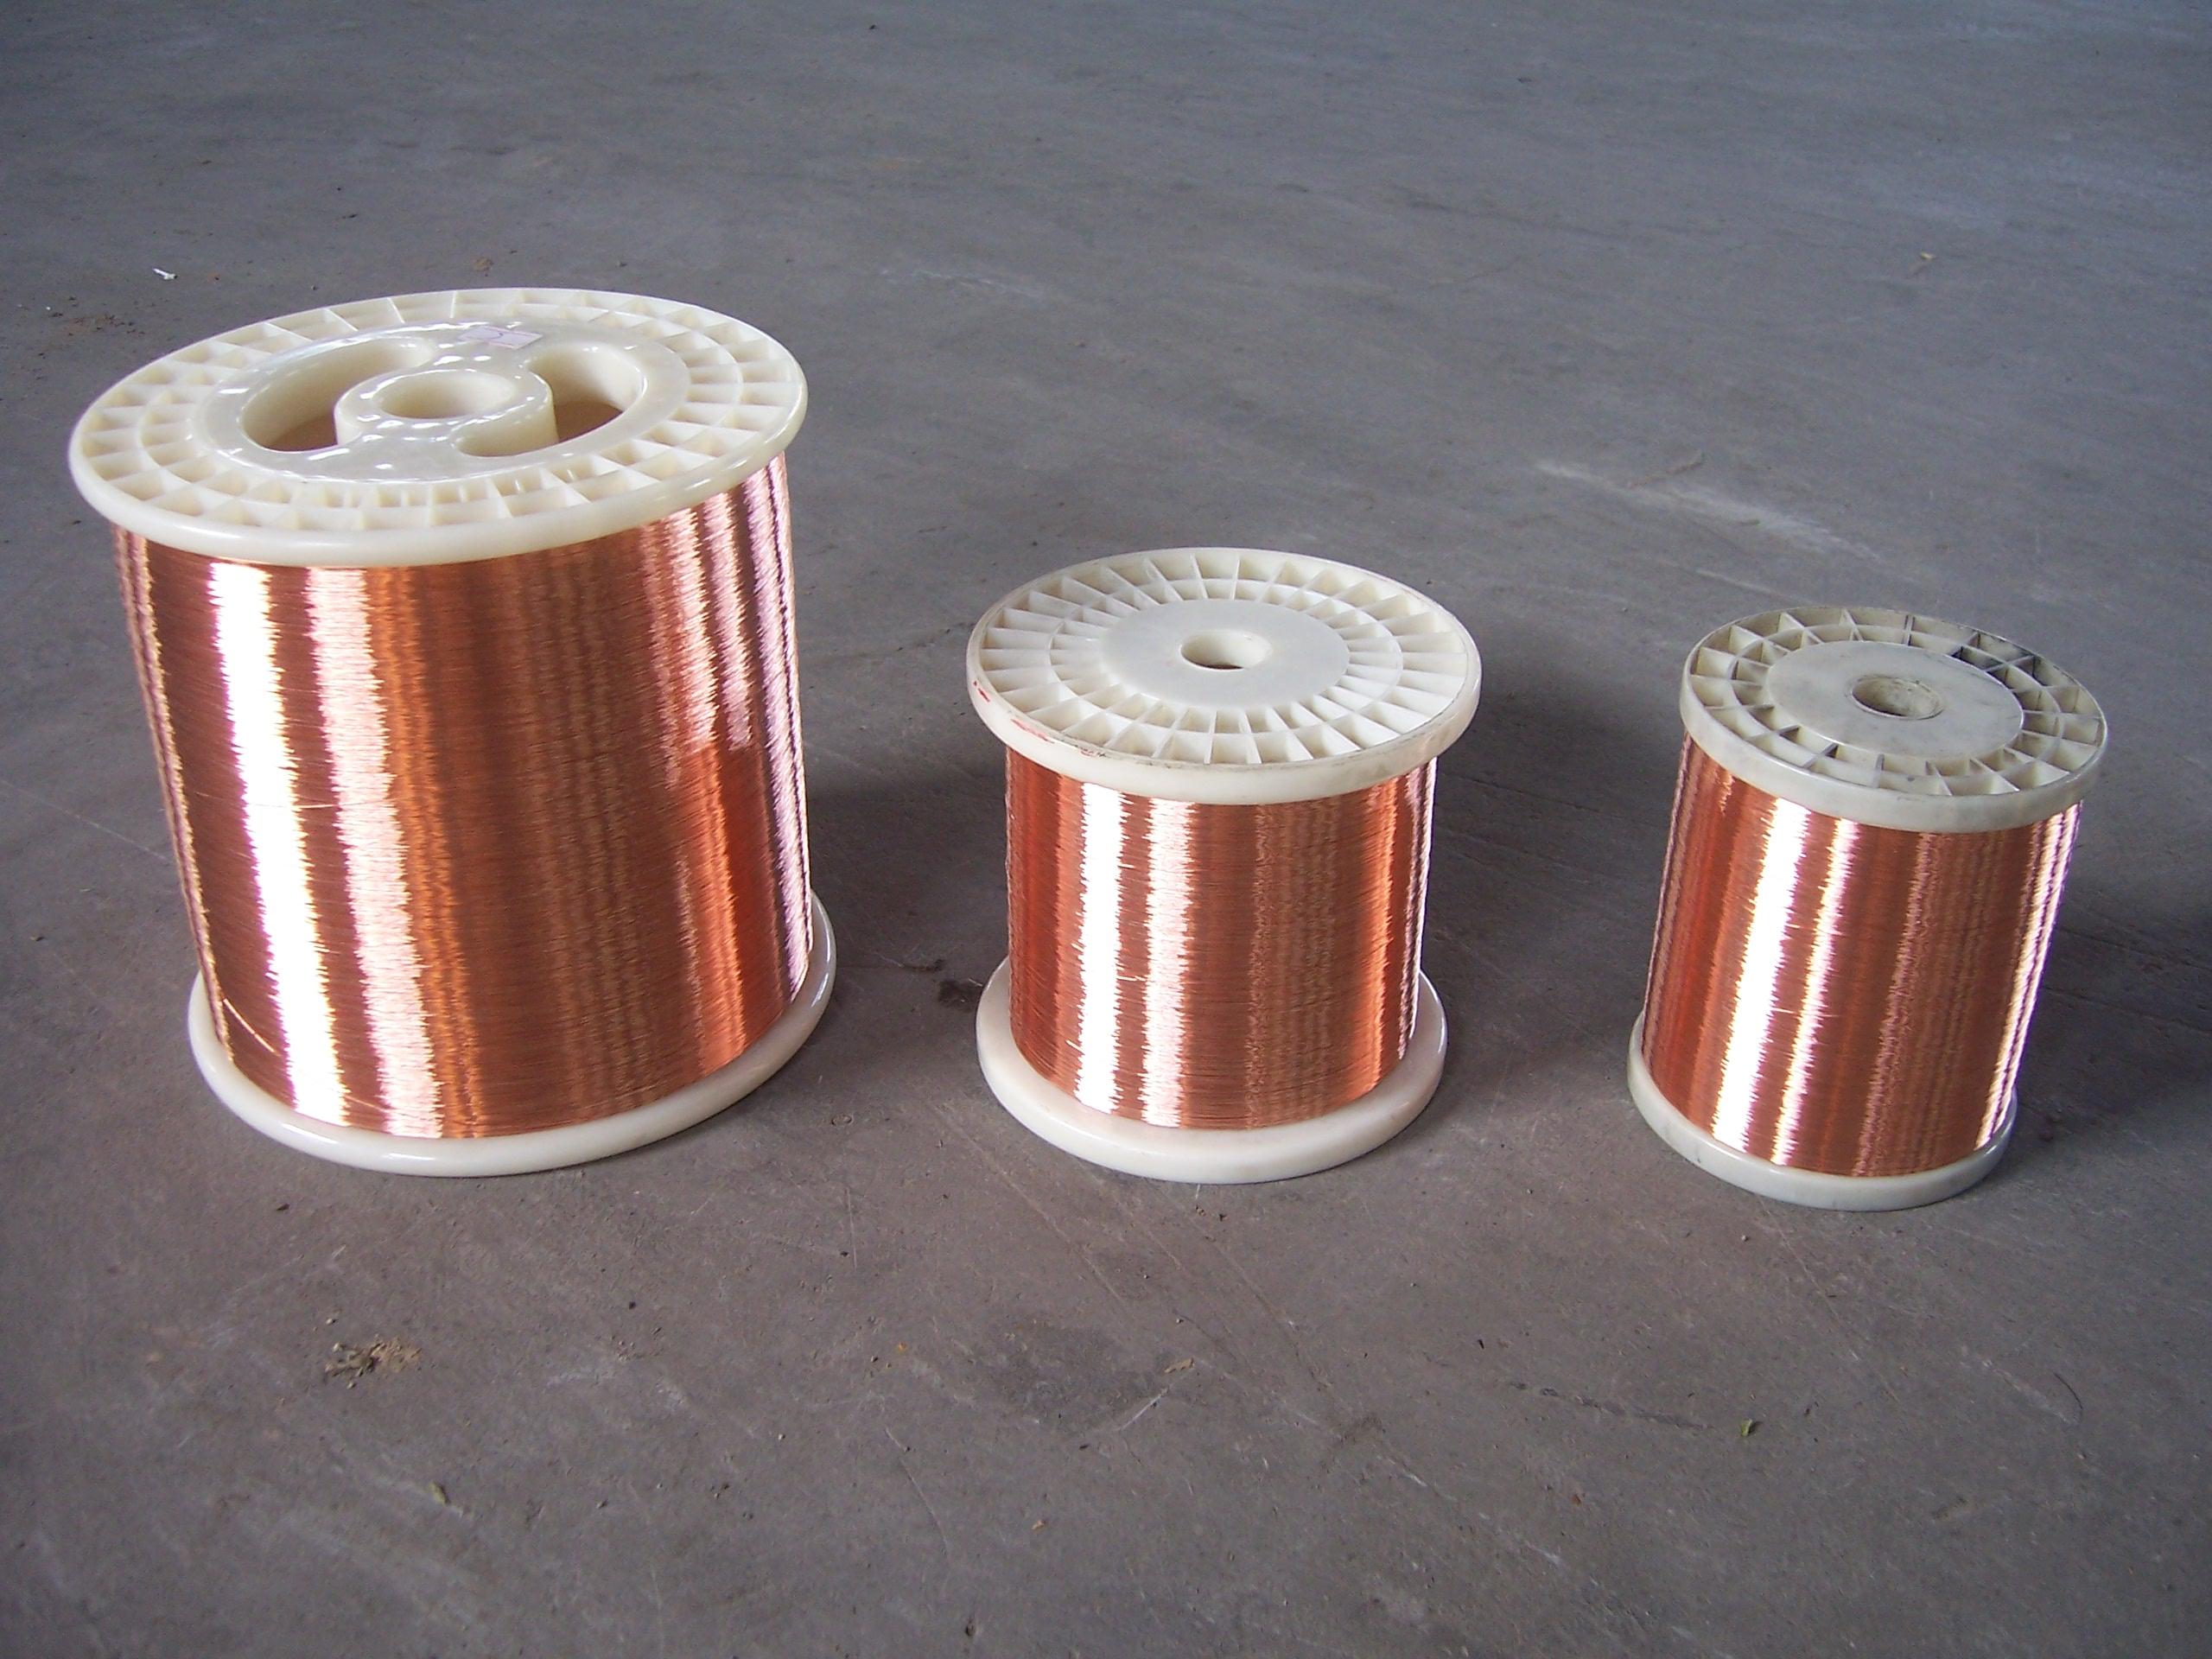 产品名称:铜丝 产品价格:40 元 最小起订:1 吨 供货总量:0 吨 所在地